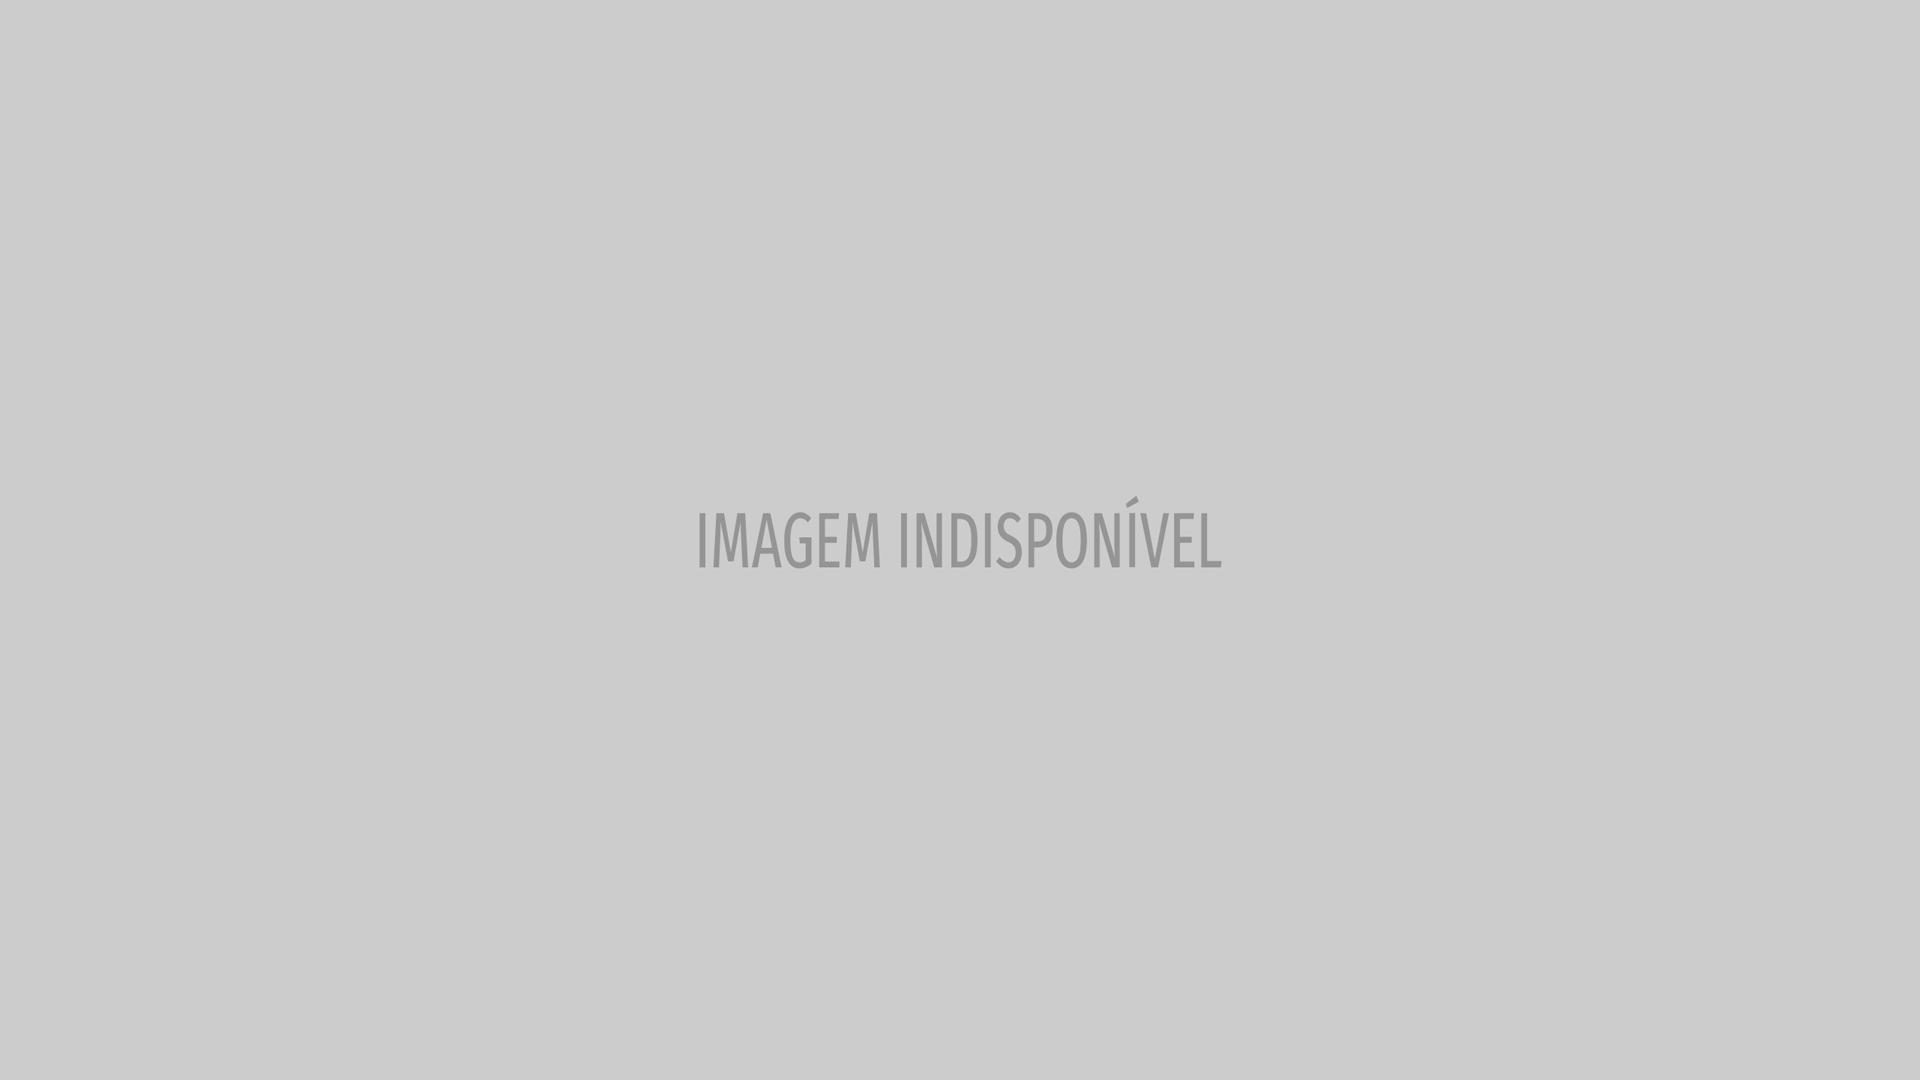 """Andreia Dinis no hospital: """"Agora é torcer para que corra tudo bem"""""""